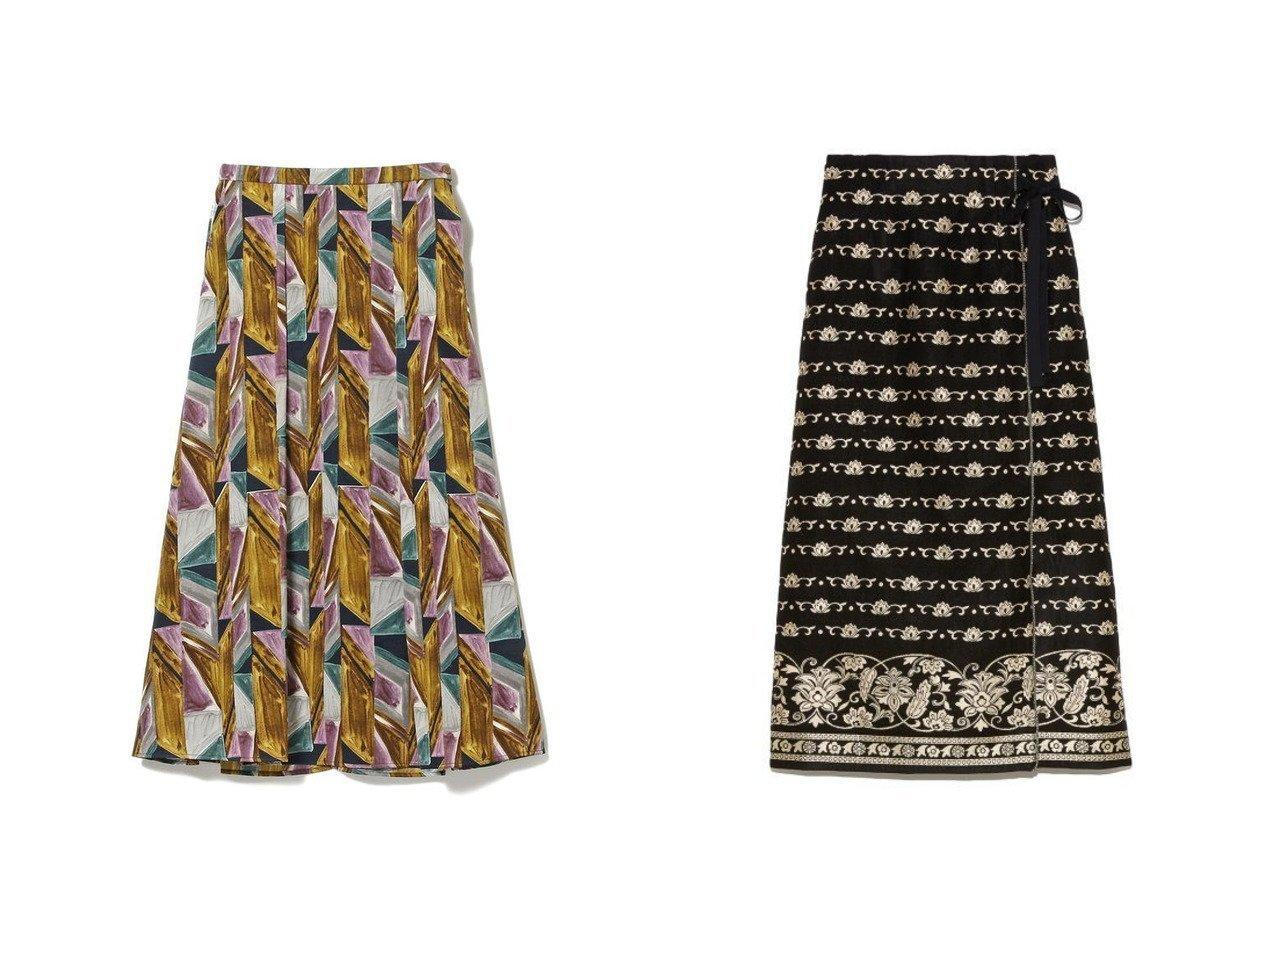 【Lily Brown/リリーブラウン】のラメJQラップスカート&【Ray BEAMS/レイ ビームス】のプリント Aライン スカート スカートのおすすめ!人気、レディースファッションの通販 おすすめで人気のファッション通販商品 インテリア・家具・キッズファッション・メンズファッション・レディースファッション・服の通販 founy(ファニー) https://founy.com/ ファッション Fashion レディース WOMEN スカート Skirt Aライン/フレアスカート Flared A-Line Skirts ギャザー サテン スウェット トレンド フレア プリント 秋冬 A/W Autumn/ Winter スマート ラップ 台形 |ID:crp329100000002670